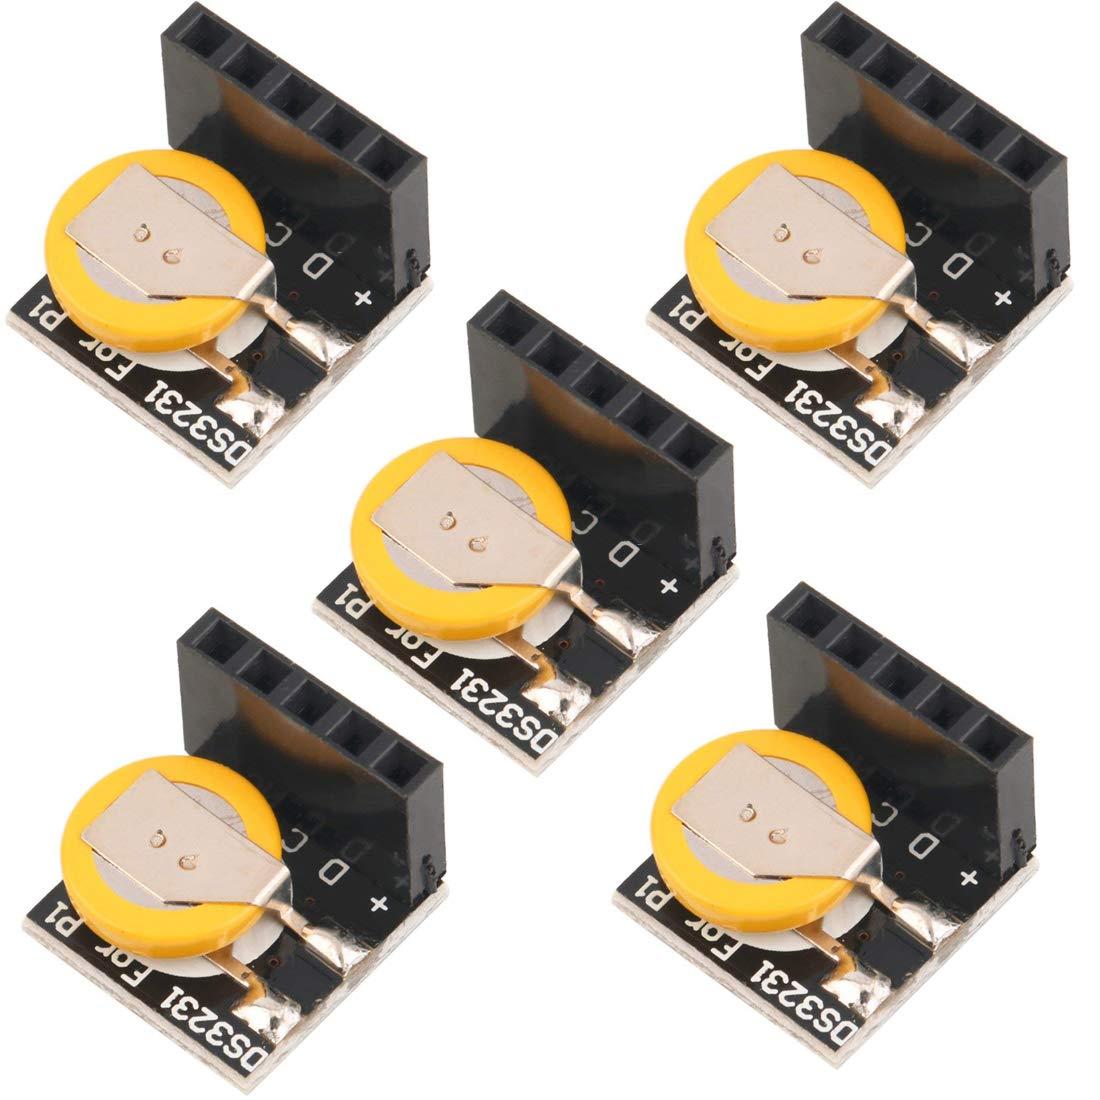 HiLetgo 5pcs DS3231 High Precision RTC Real Time Clock Module 3.3V/5V Arduino Raspberry Pi